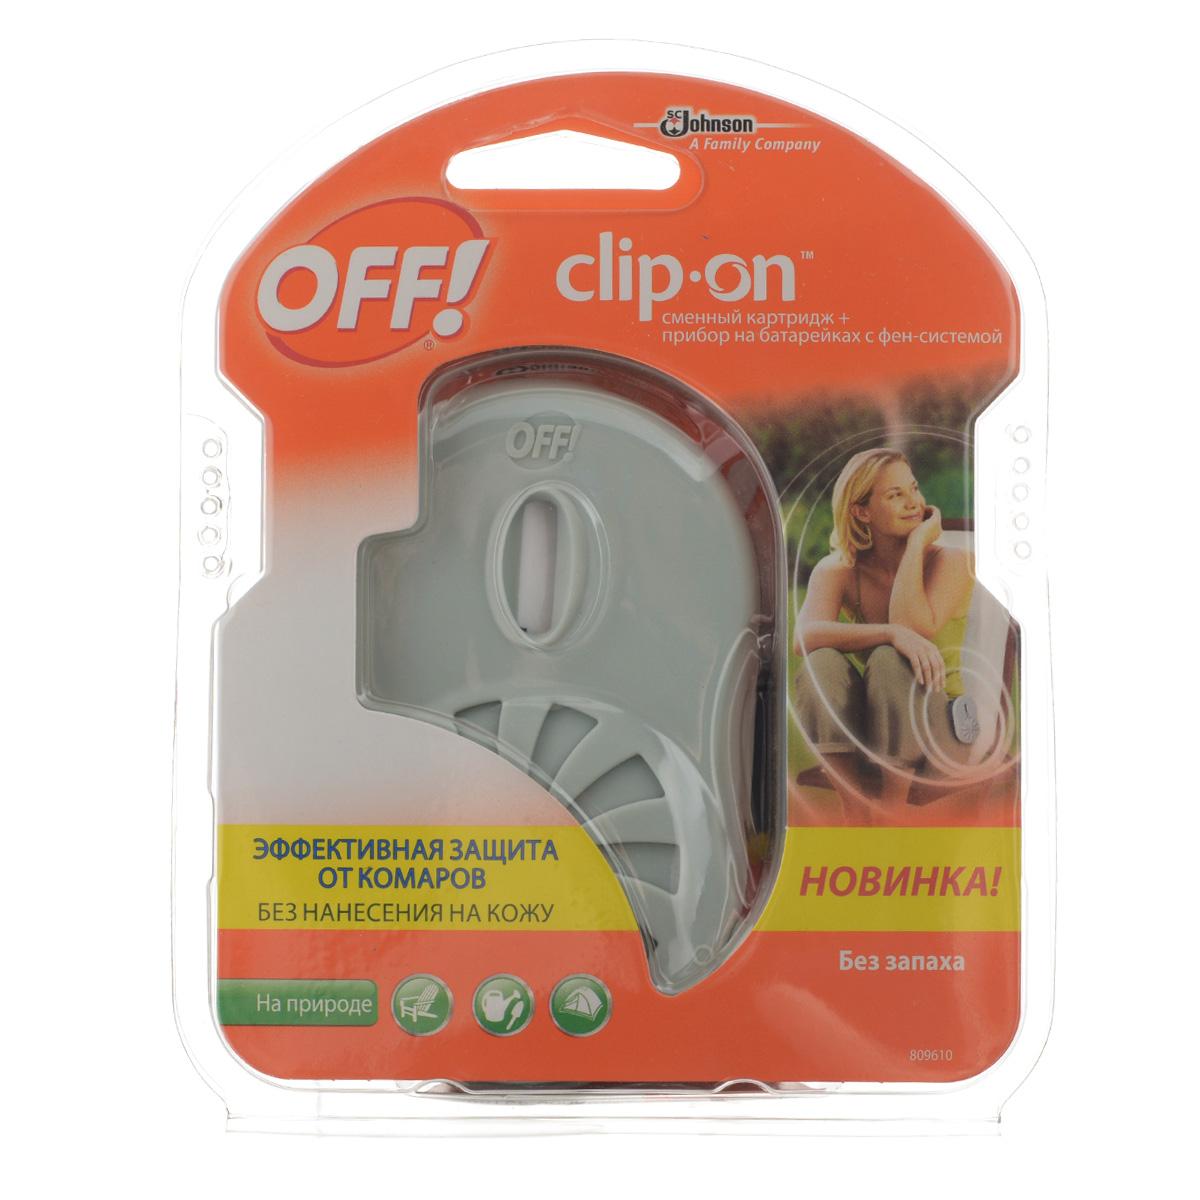 Прибор с фен-системой и сменным картриджем OFF! Clip-On, 100 мл658994Портативный репеллент OFF! Clip-On идеален для использования на природе. Подходит для использования в качестве стационарного репеллента на террасах, верандах, в саду. Безопасная и эффективная защита от комаров - для потребителей, которые не любят наносить репелленты на кожу. Универсальная транспортная упаковка, которая является полочным дисплеем.